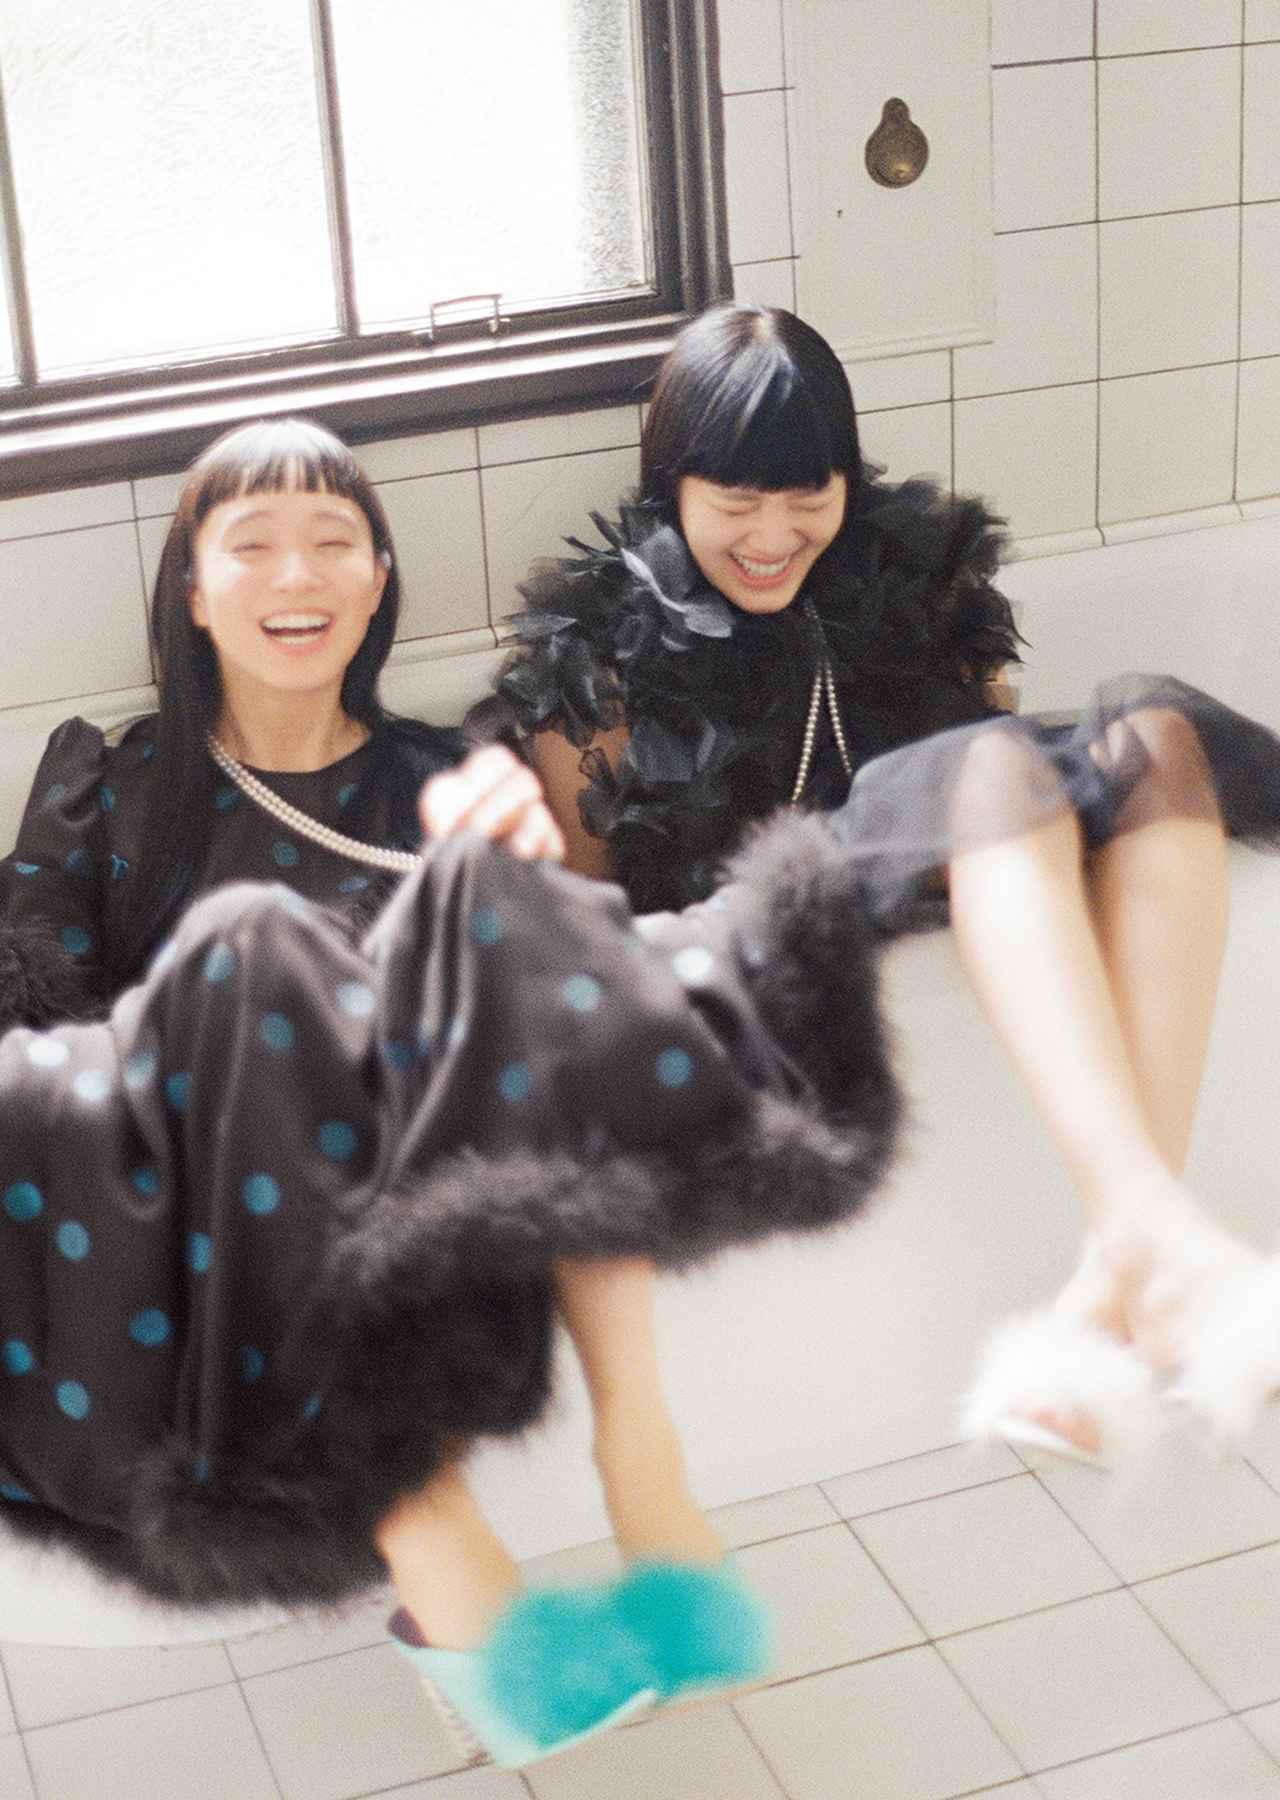 Images : 5番目の画像 - 「日々是好日、ドレス日和 ―― 明日からドレスで自由に生きる」のアルバム - T JAPAN:The New York Times Style Magazine 公式サイト